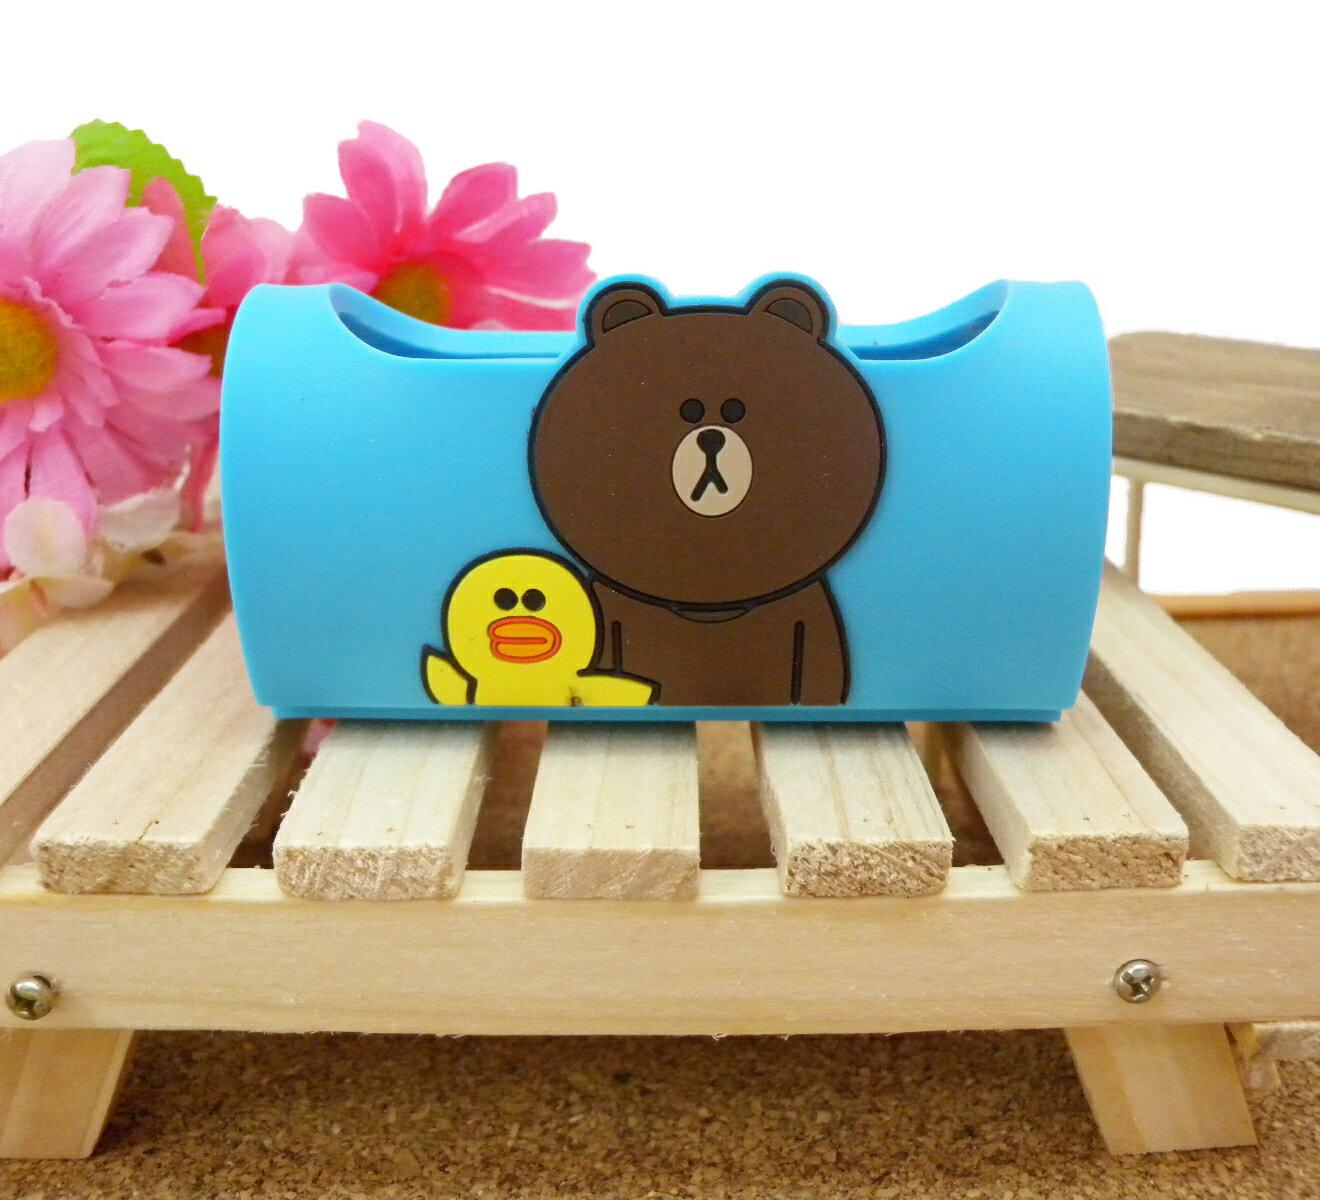 【真愛日本】15032500005 手機立架-熊大藍 LINE公仔 饅頭人兔子熊大 手機周邊 手機架 正品